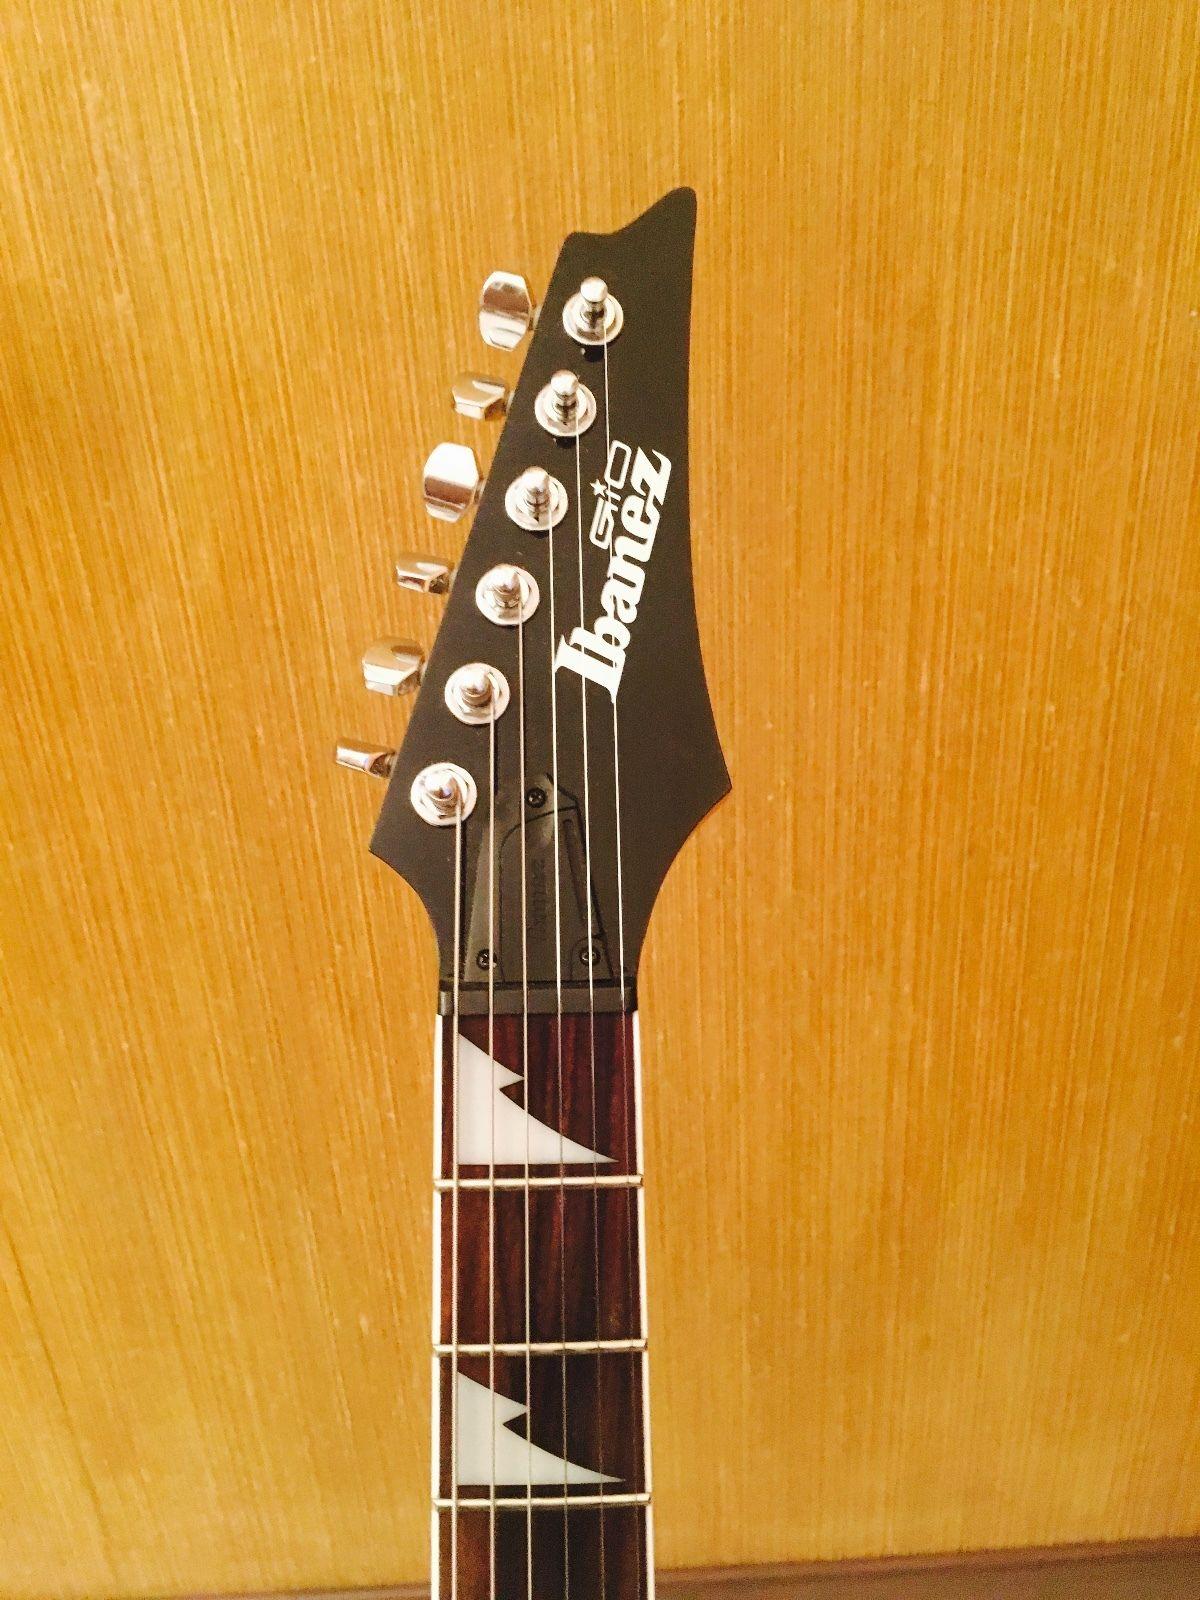 La mia prima chitarra usata..forse